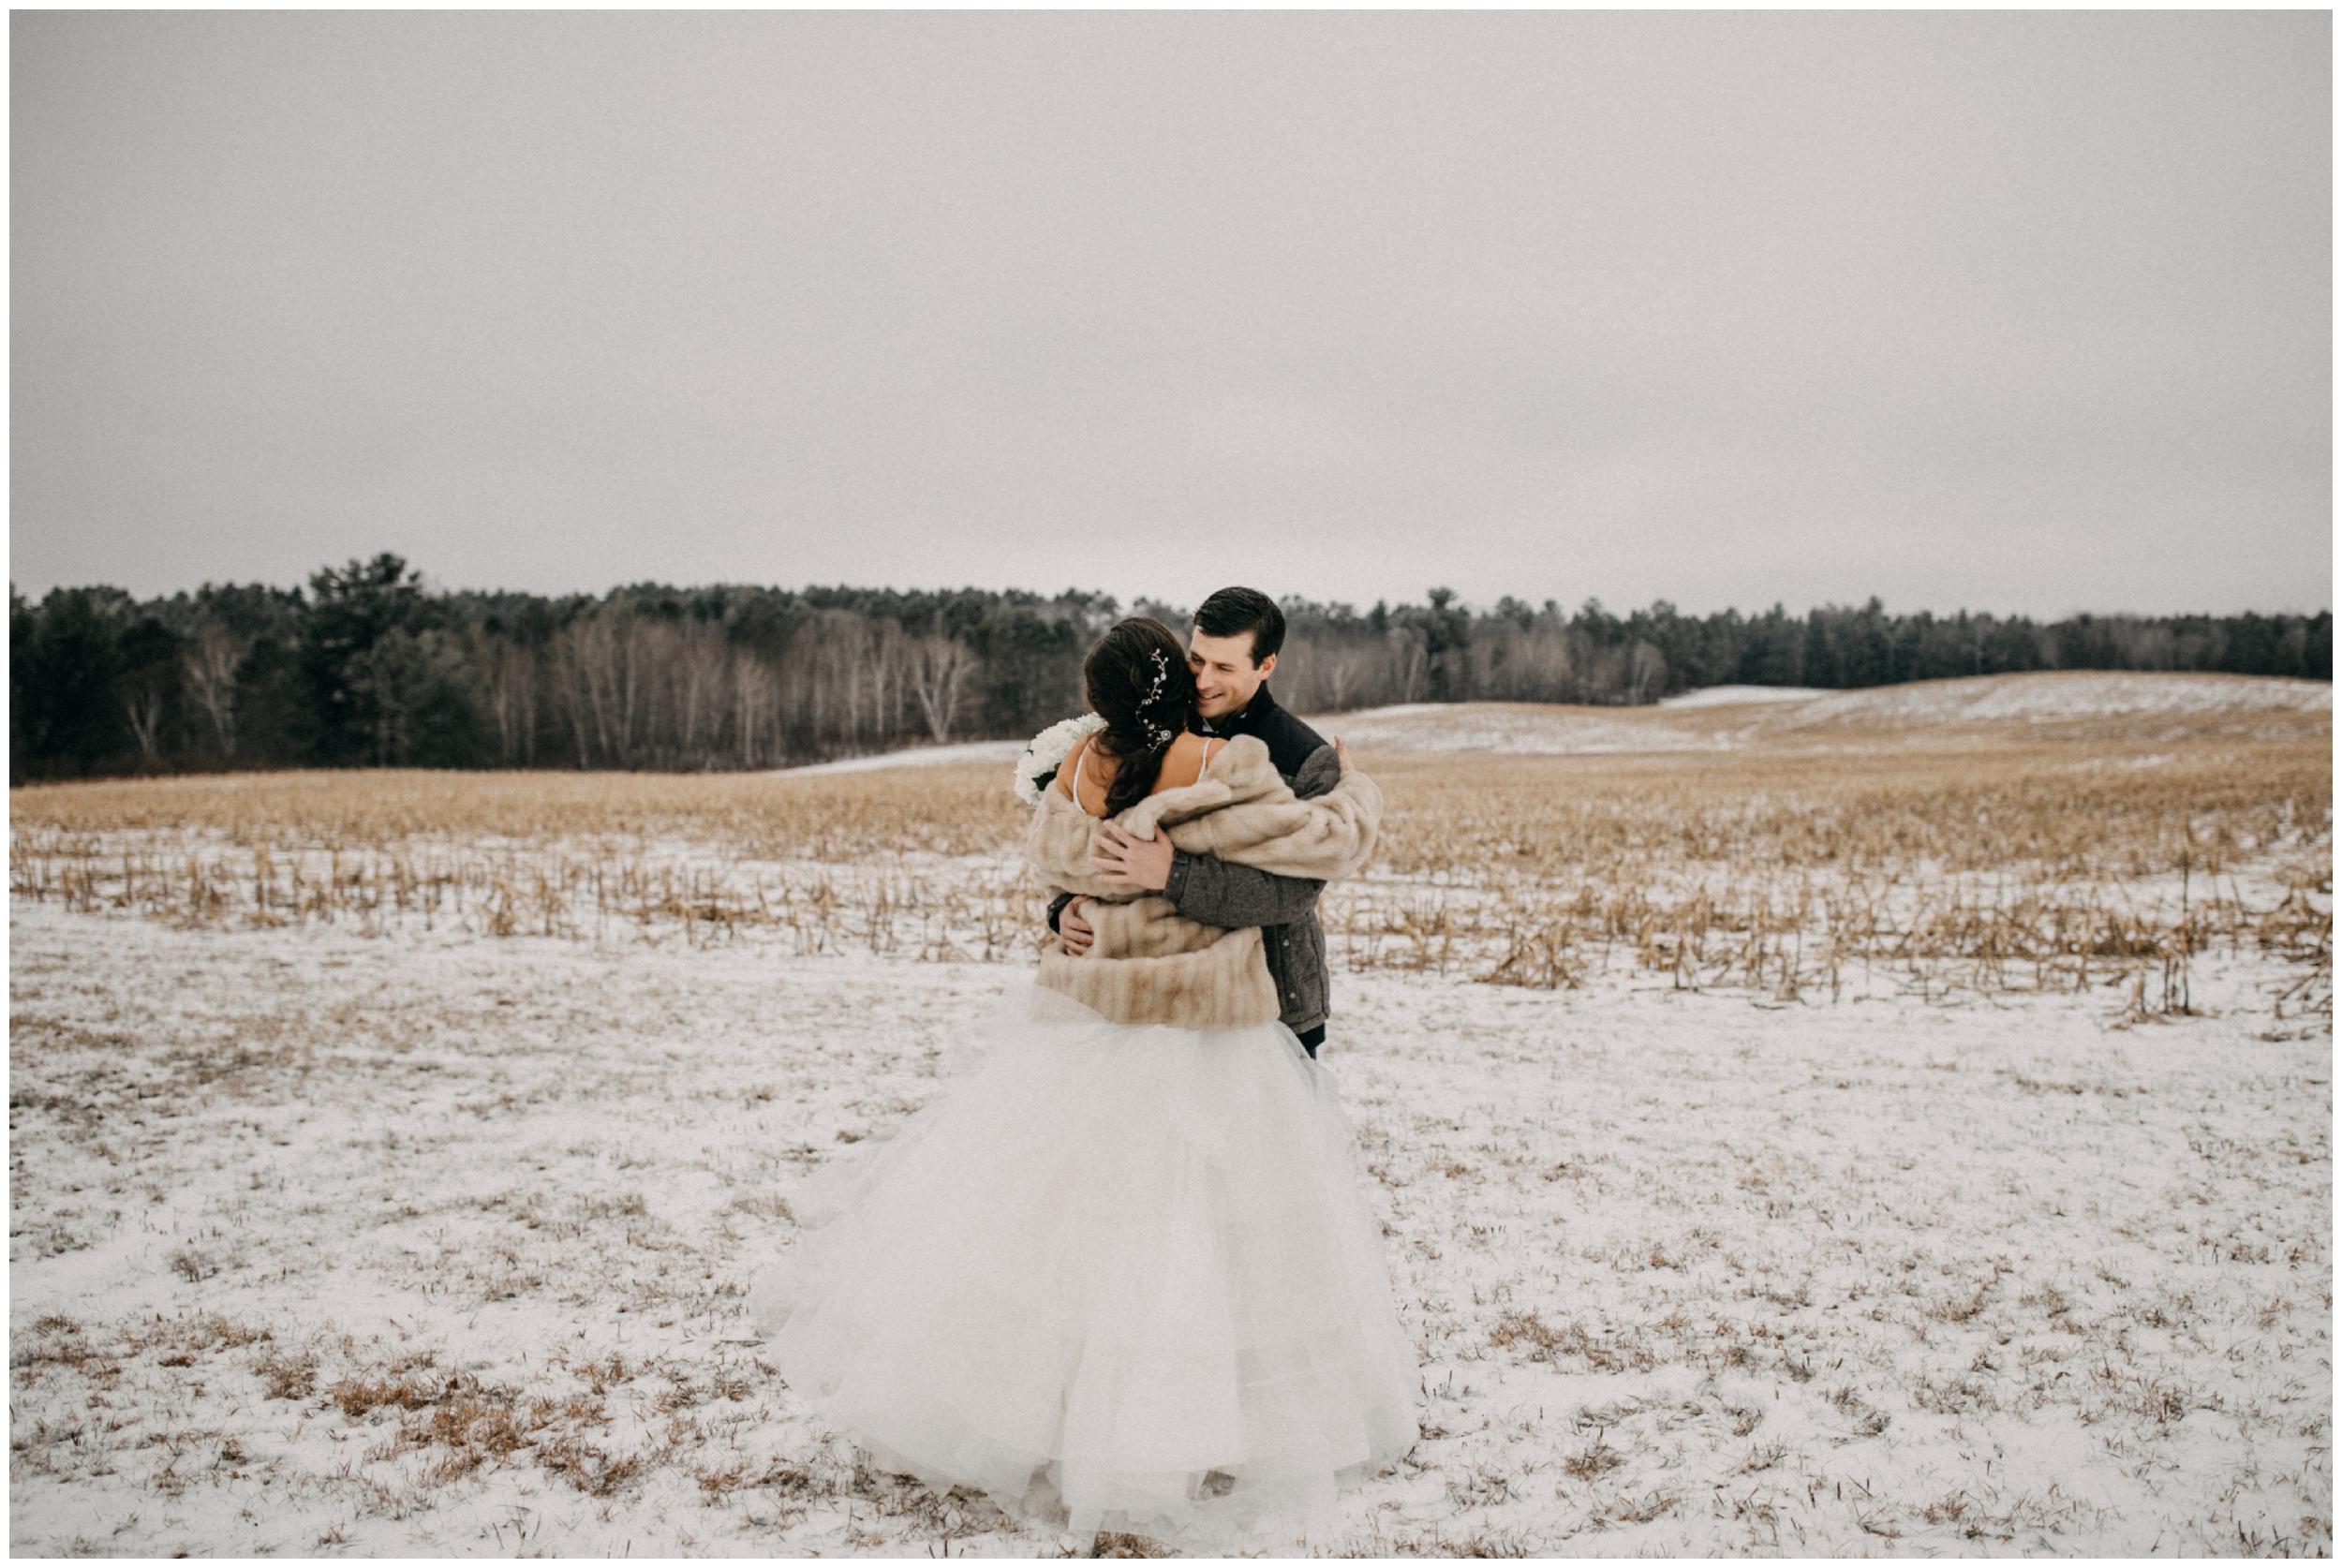 Romantic snowy wedding at Pine Peaks in Crosslake Minnesota